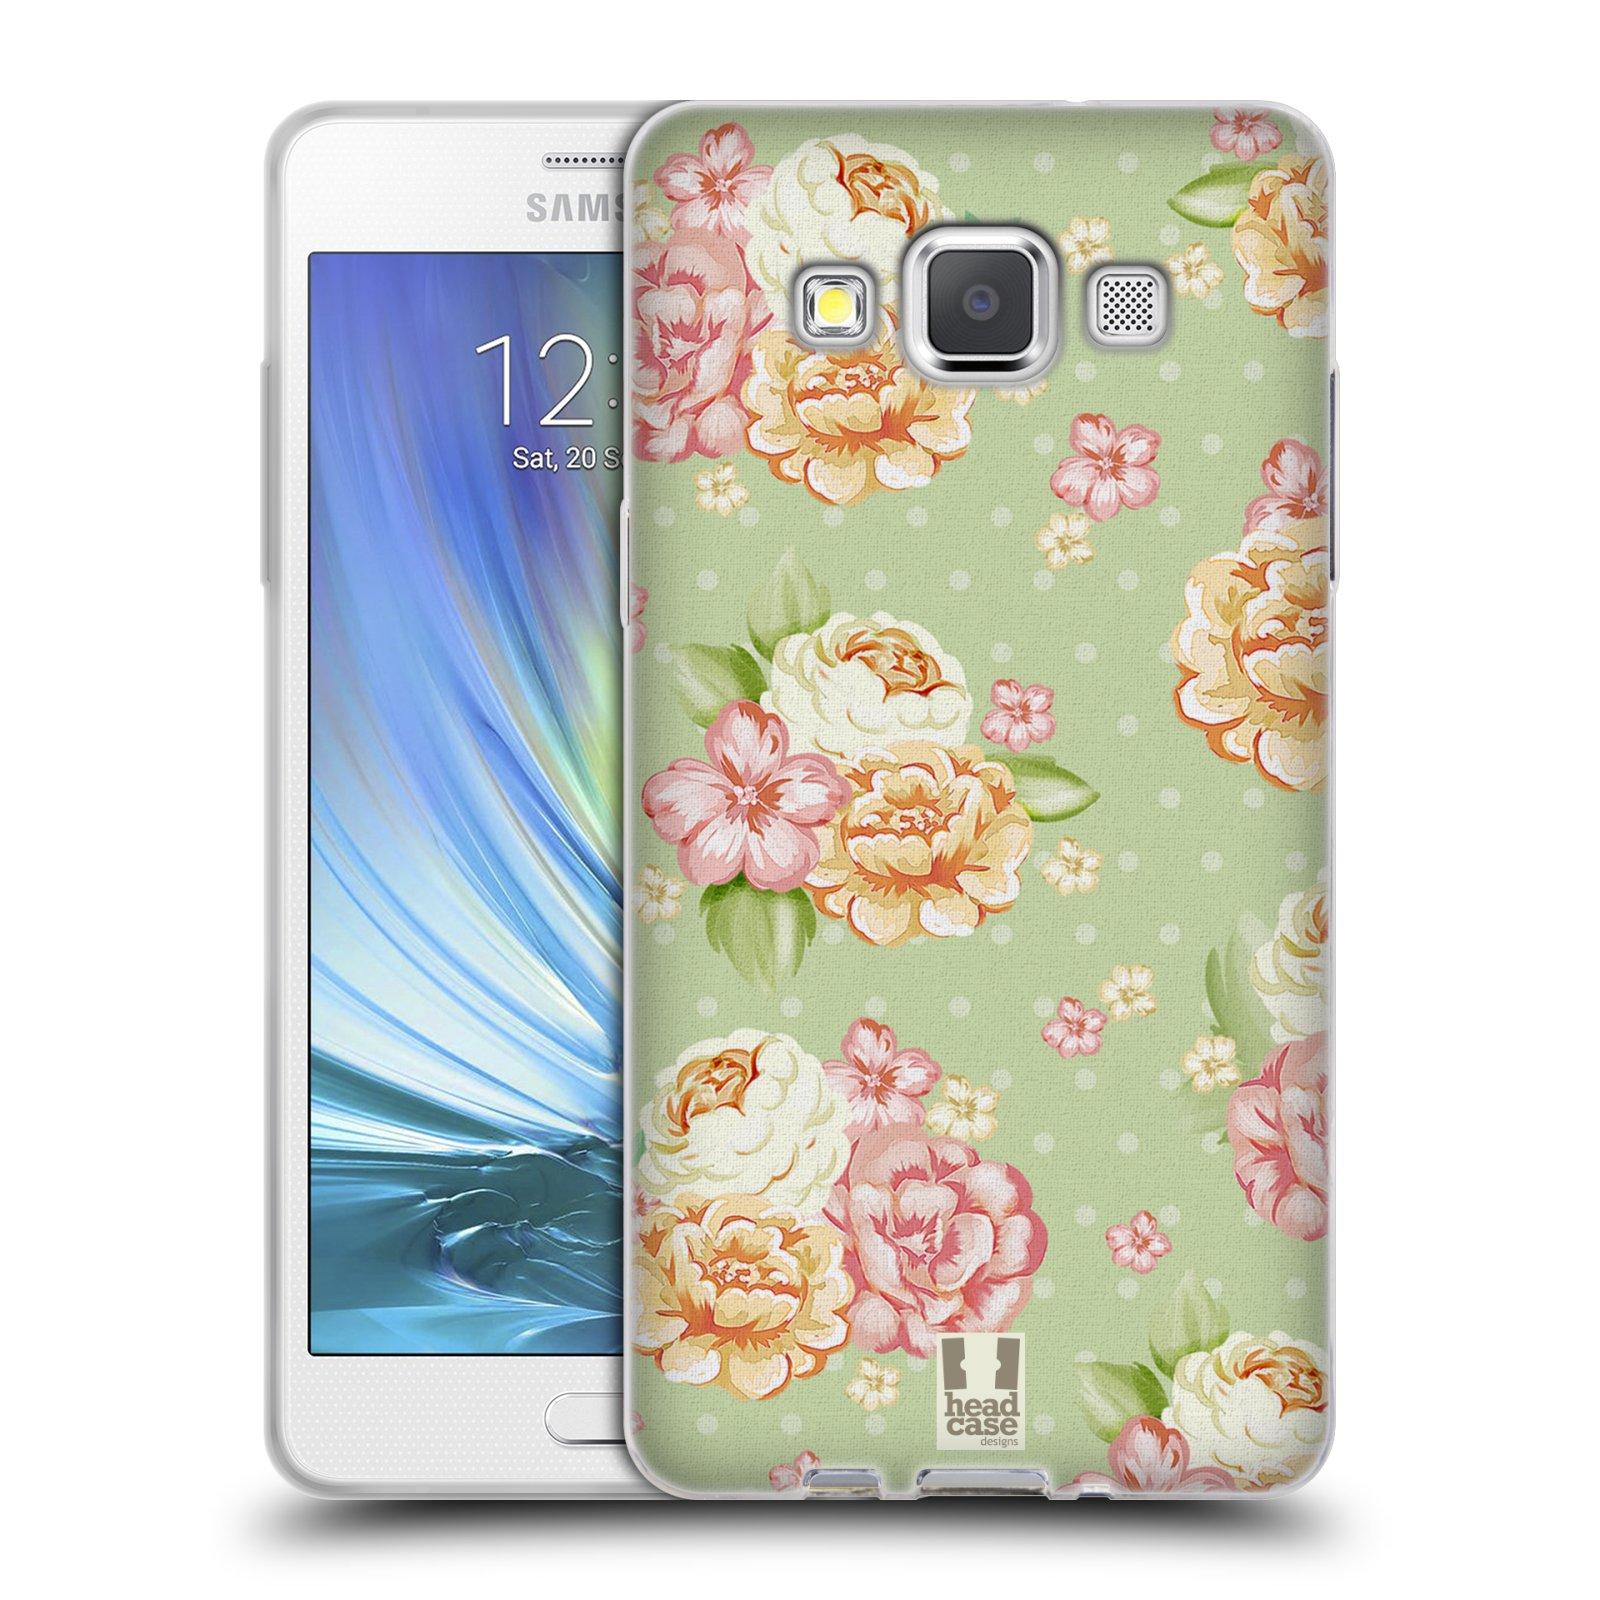 HEAD CASE silikonový obal na mobil Samsung Galaxy A5 Francouzský motiv venkov rozkvetlá zahrada